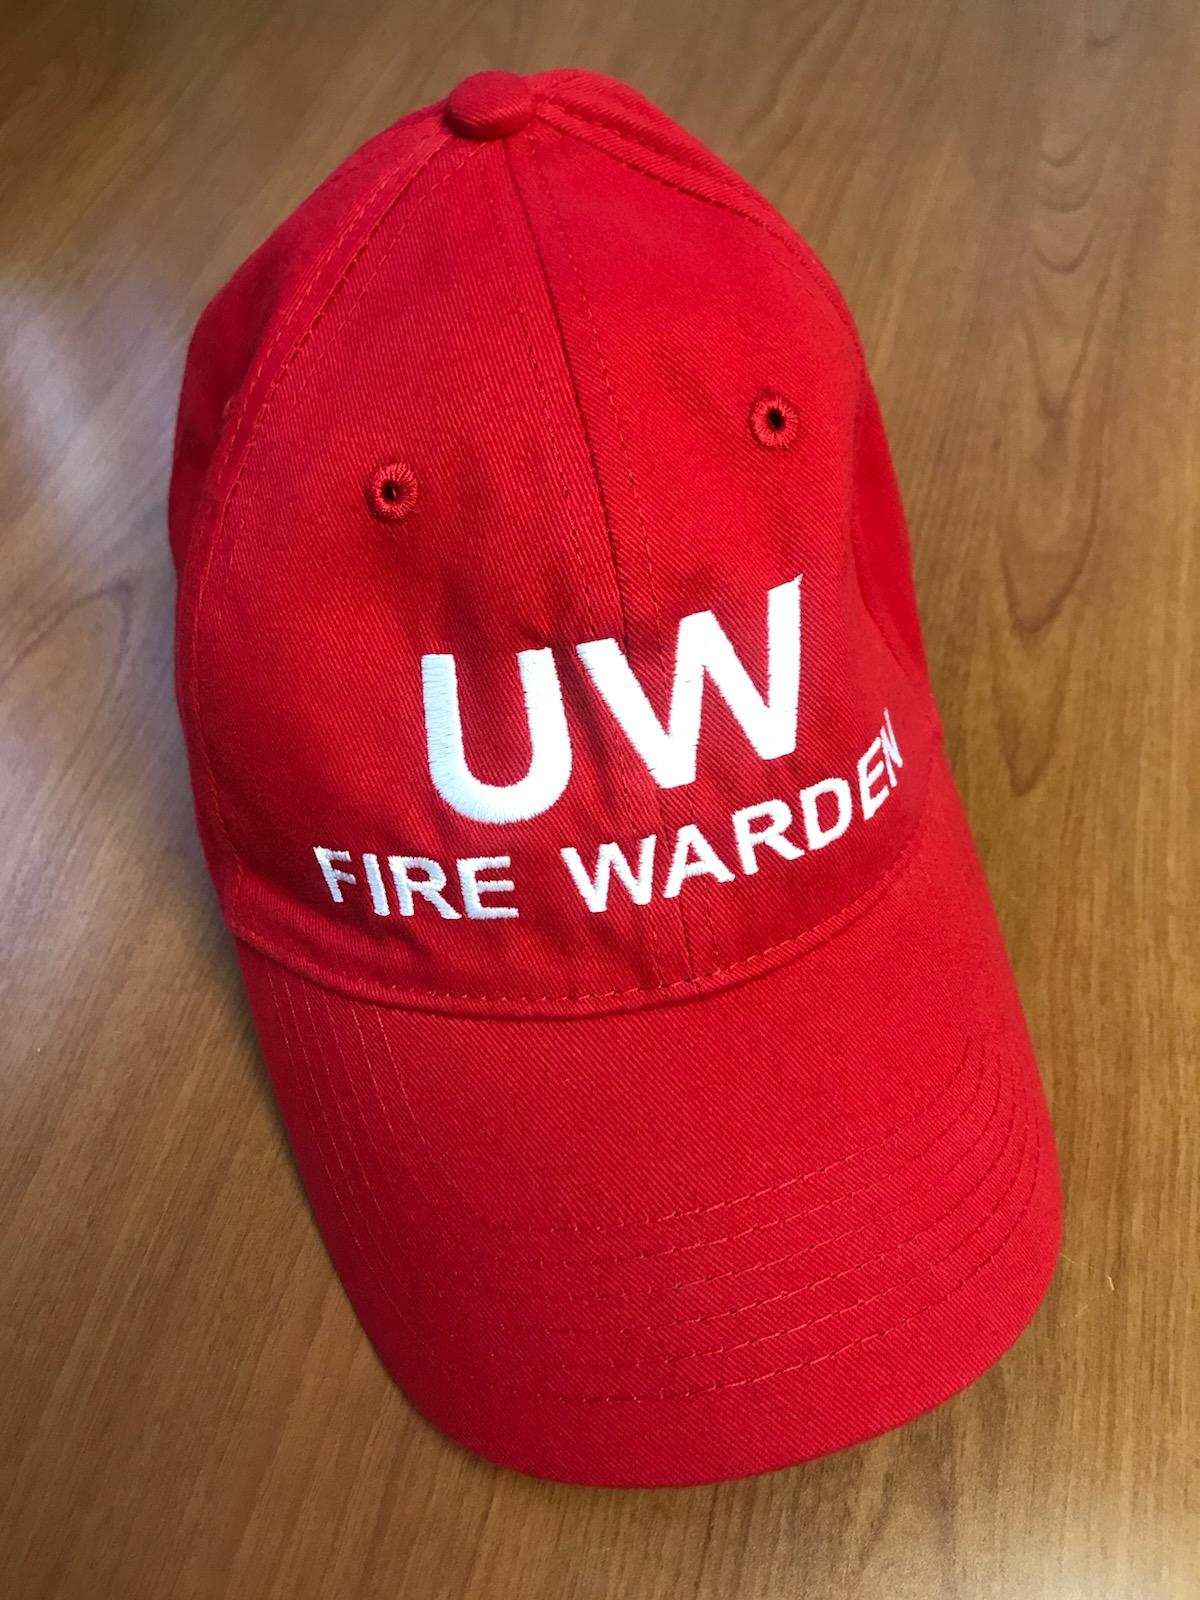 UW fire warden hat